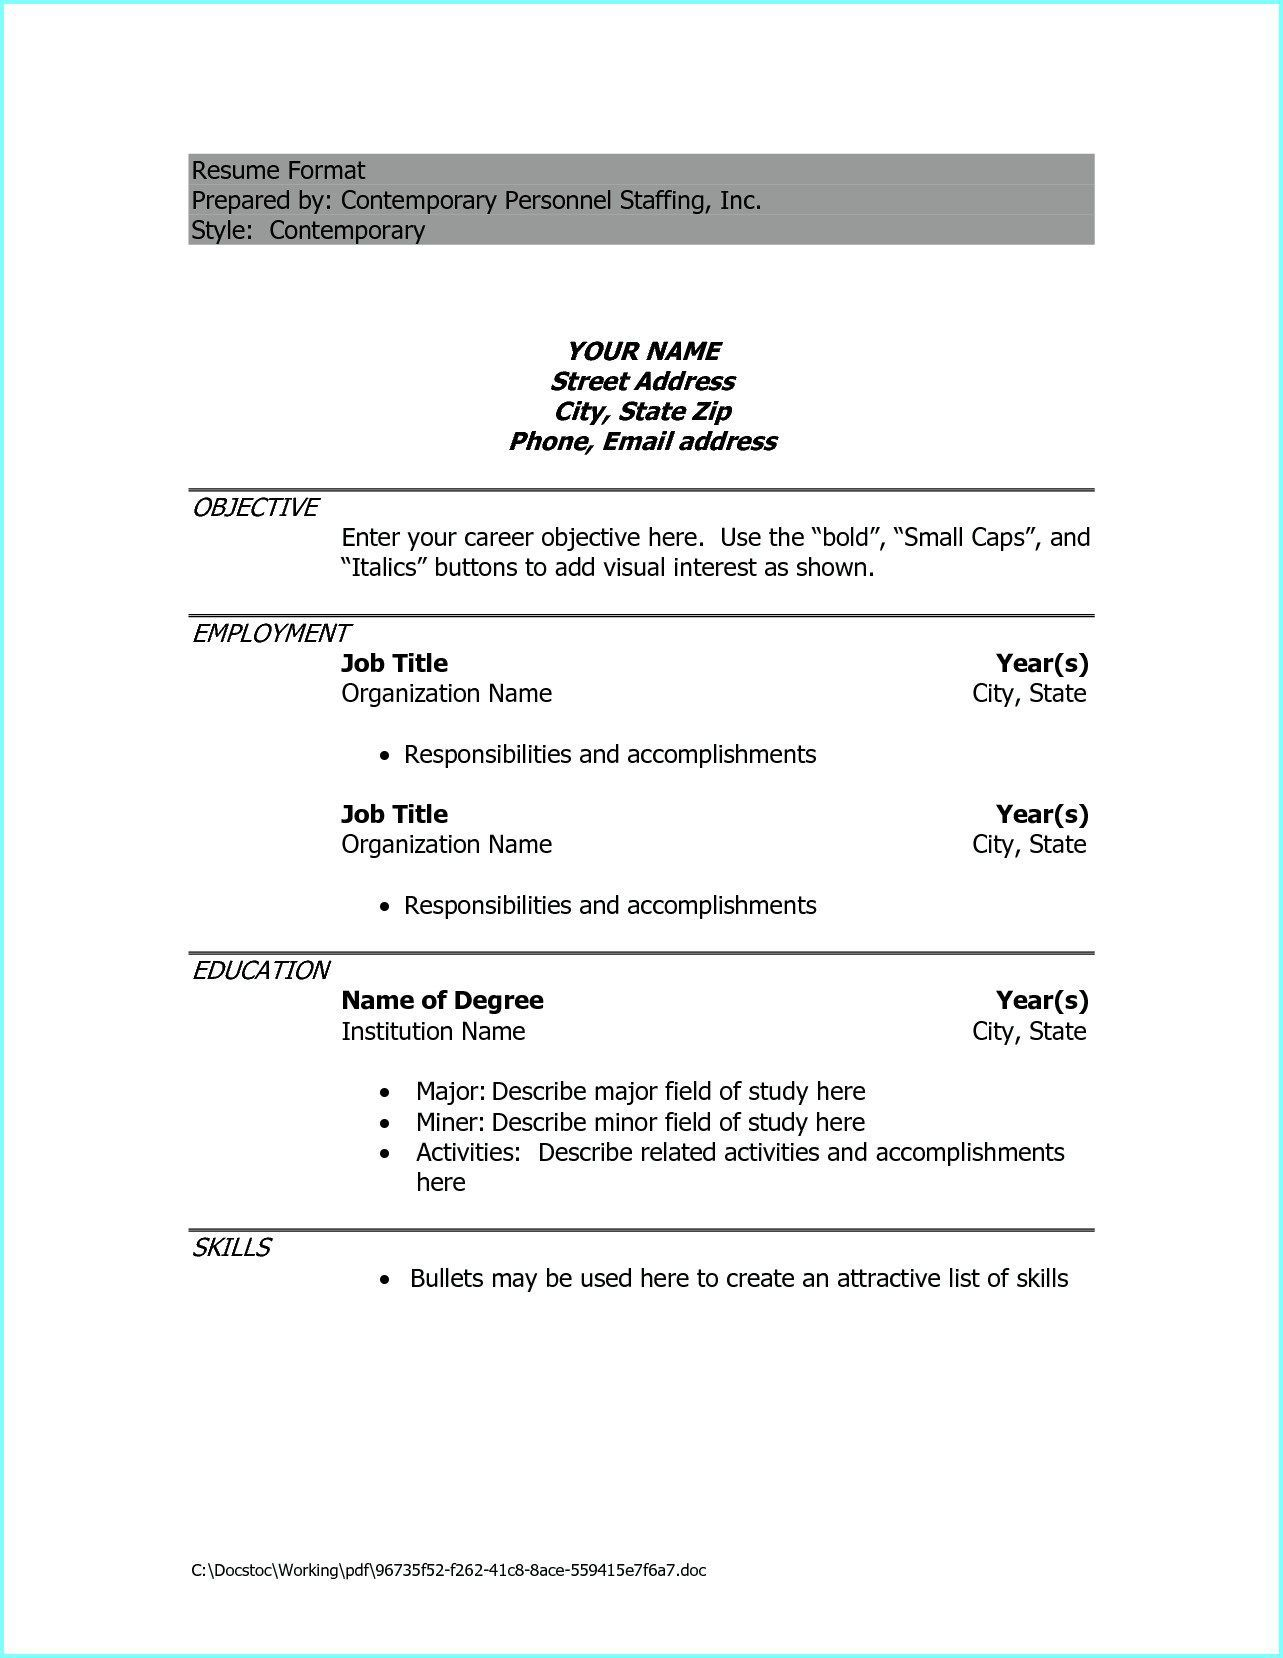 009 Phenomenal Resume Example Pdf Free Download Full